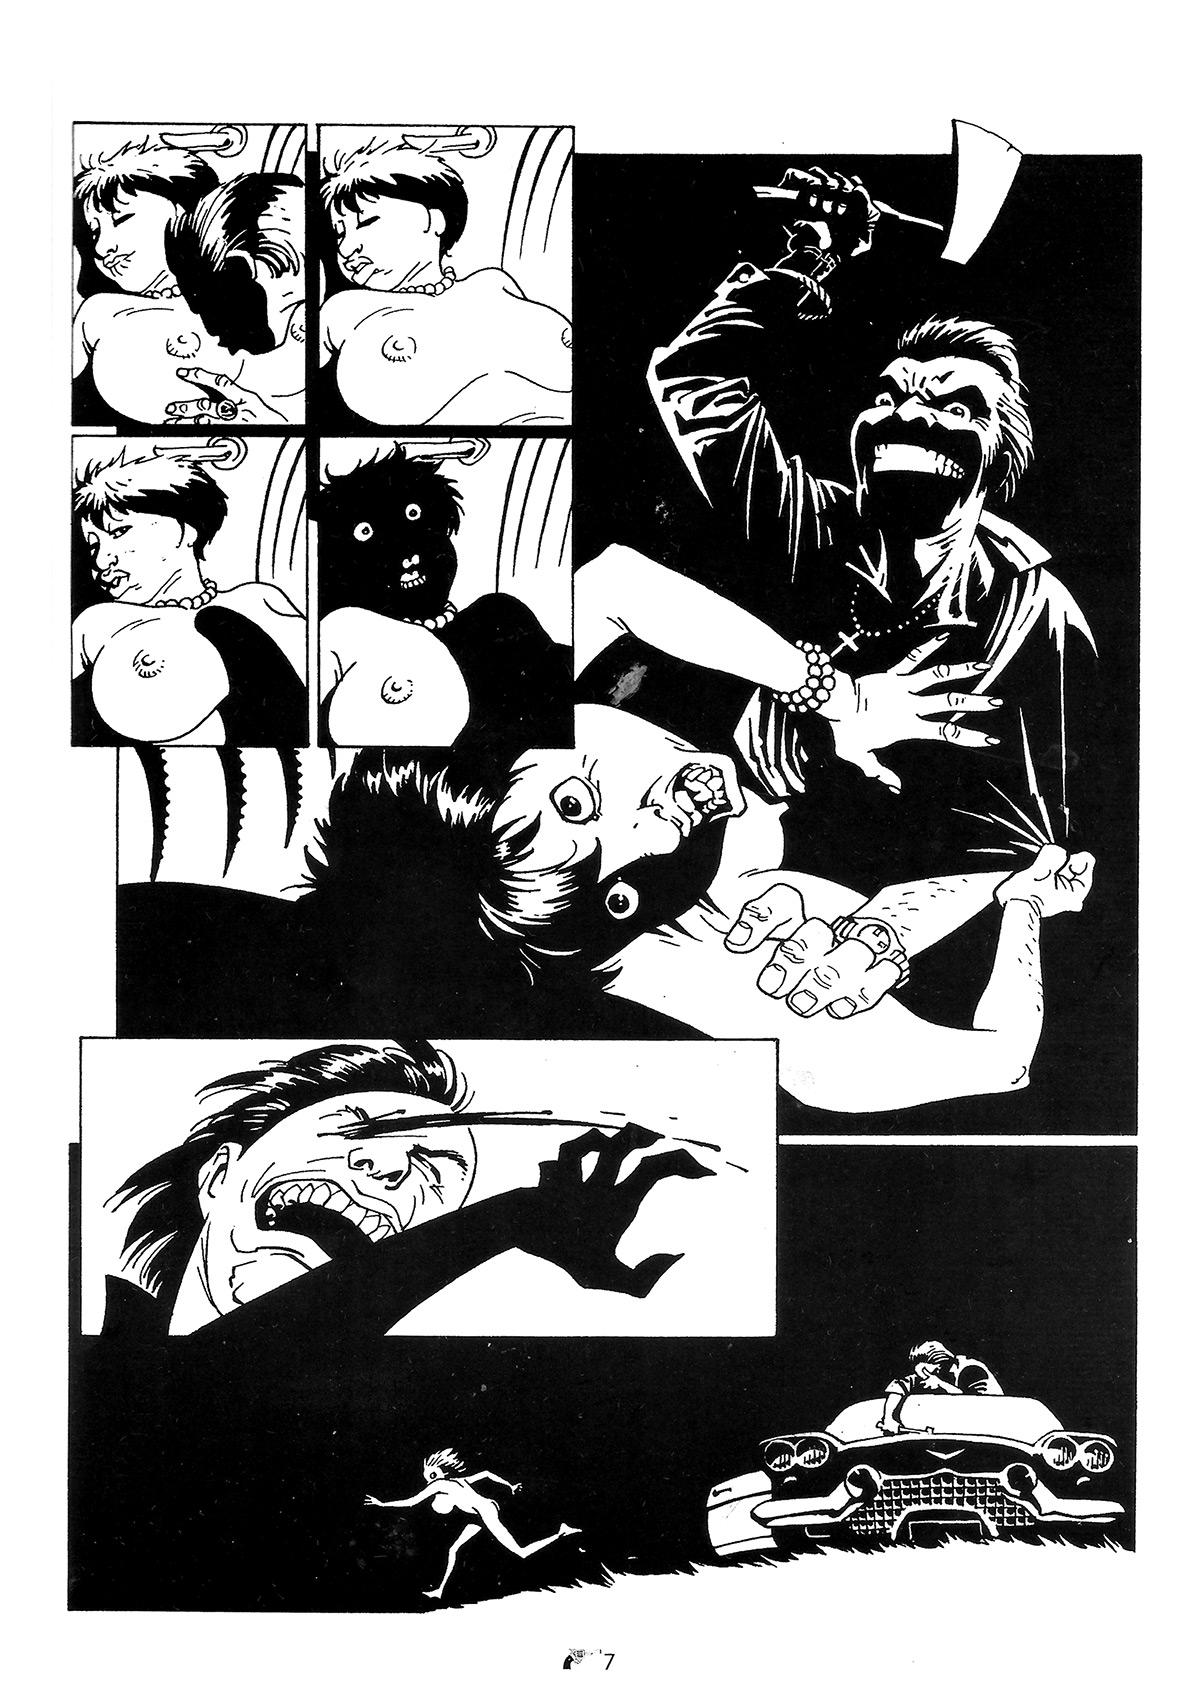 historieta revolver - chicanos - carlos trillo - eduardo risso